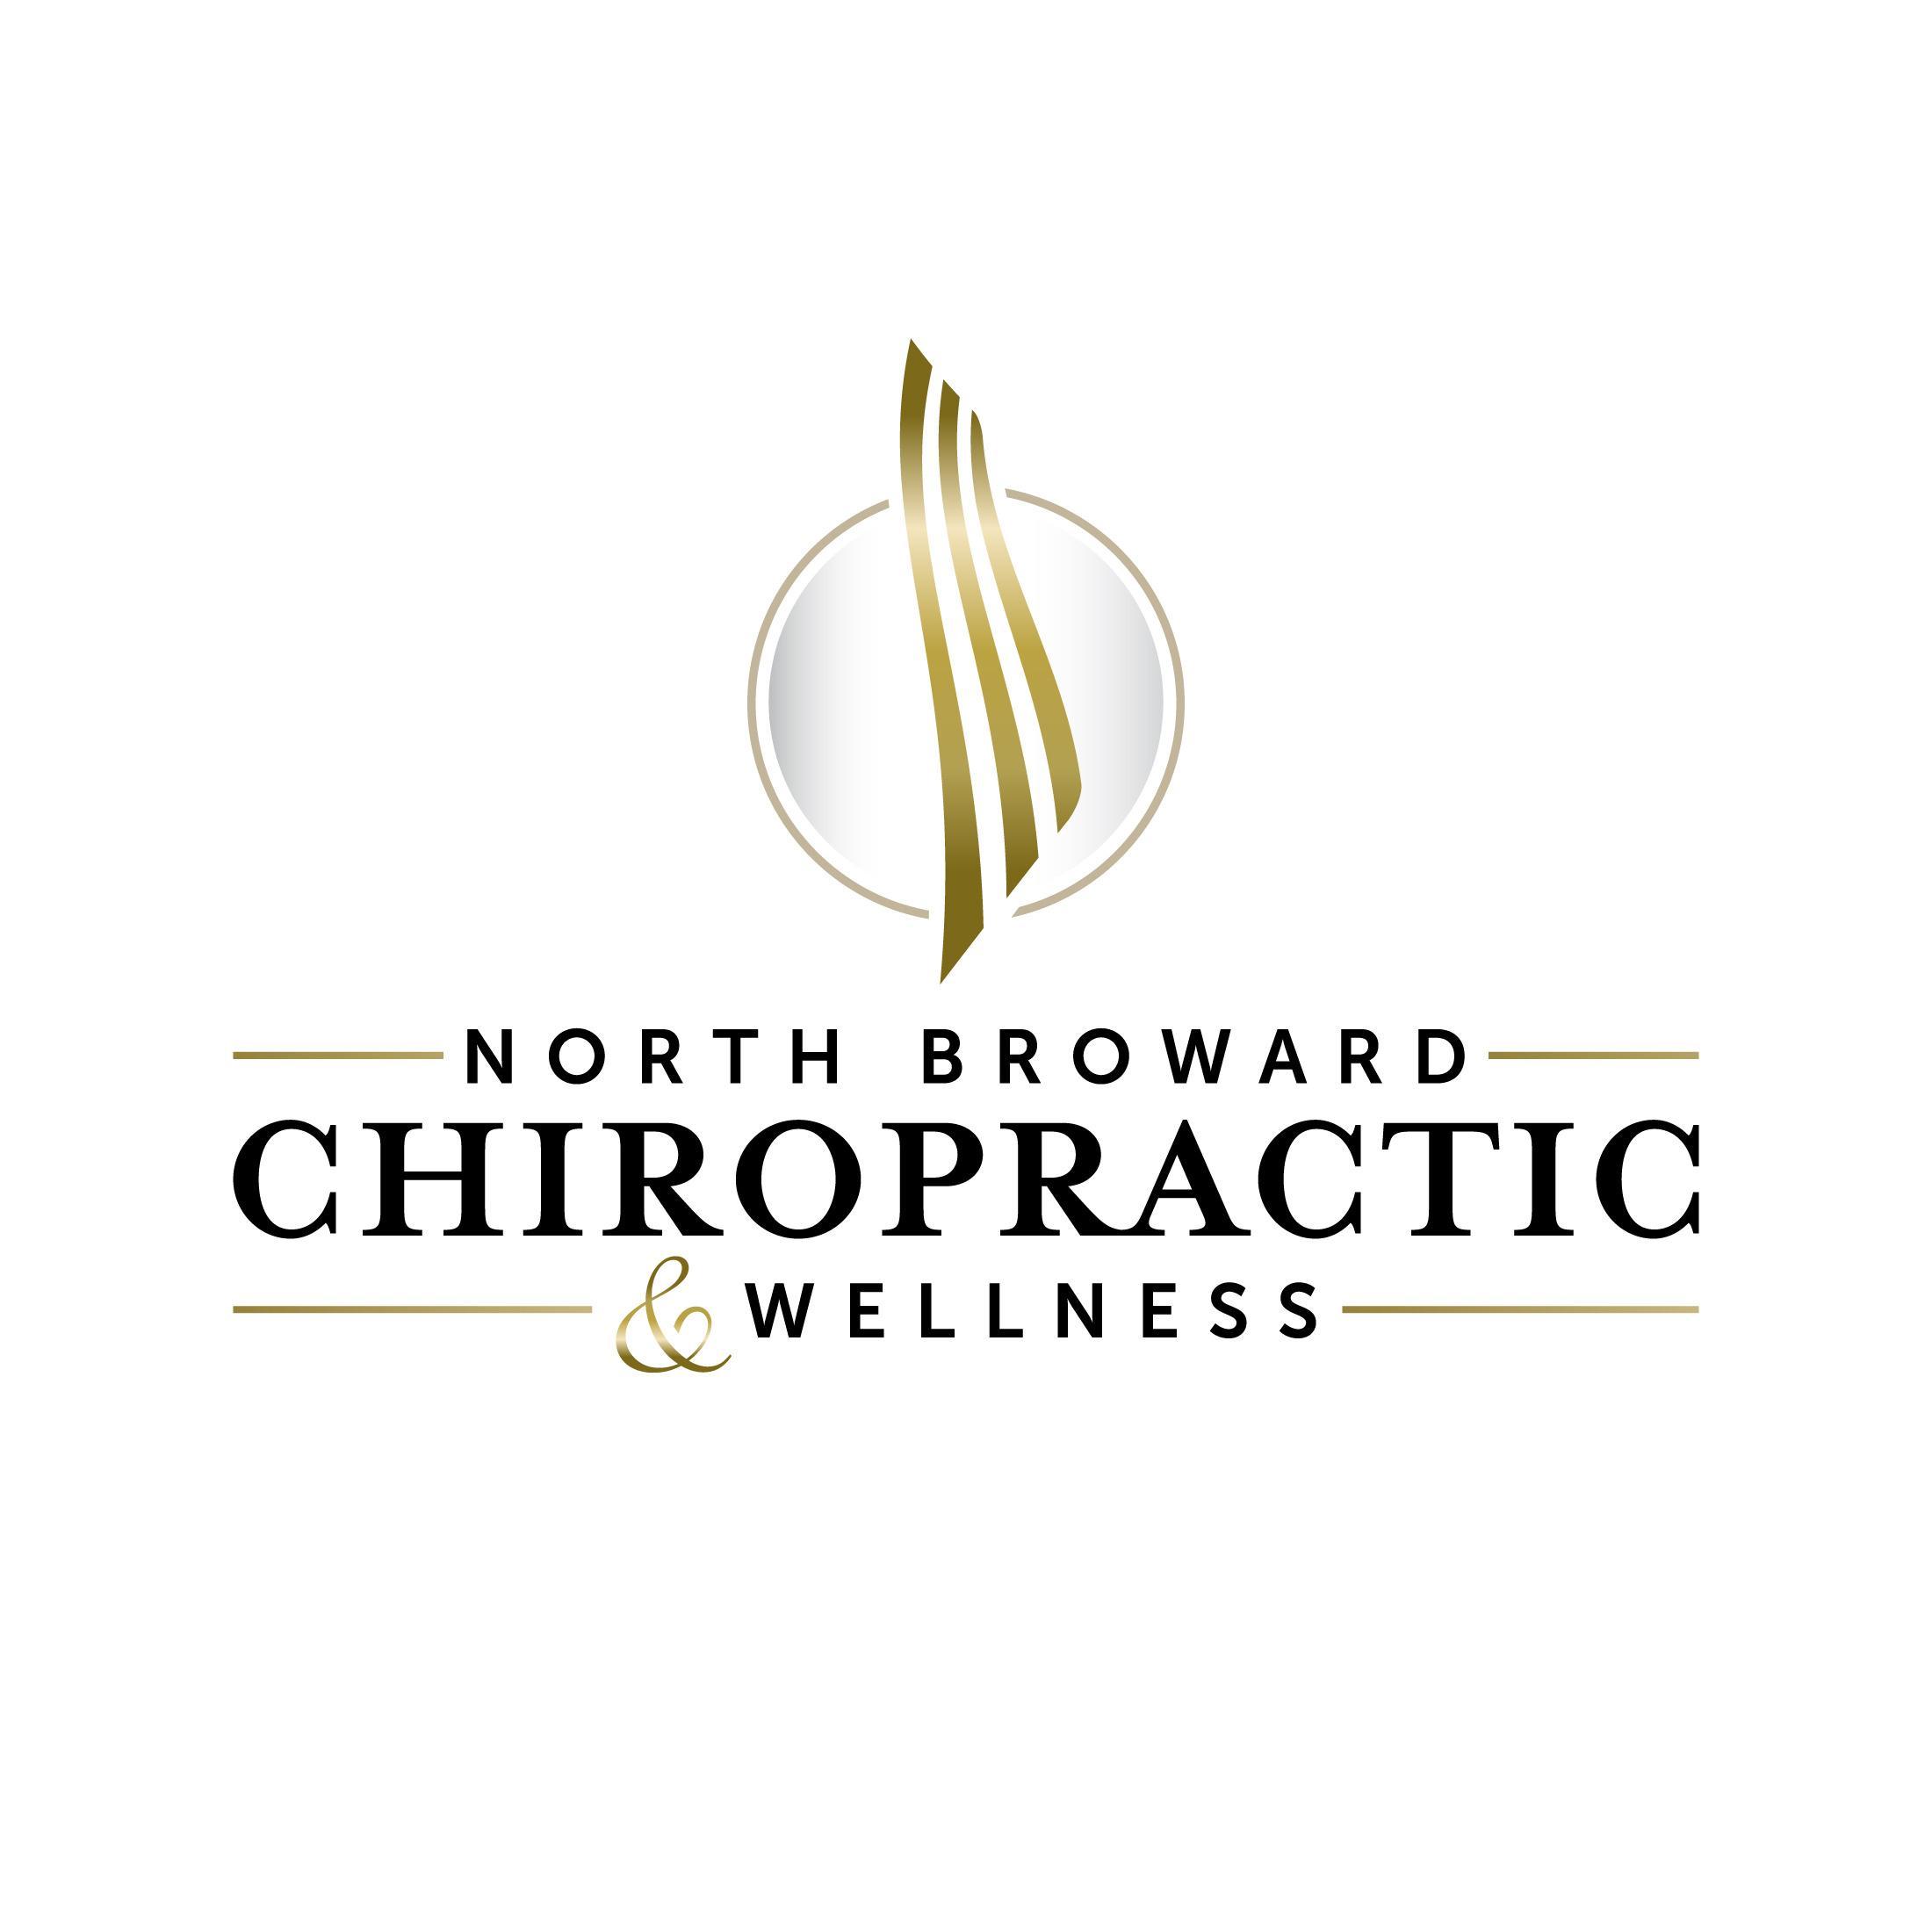 North Broward Chiropractic & Wellness image 20